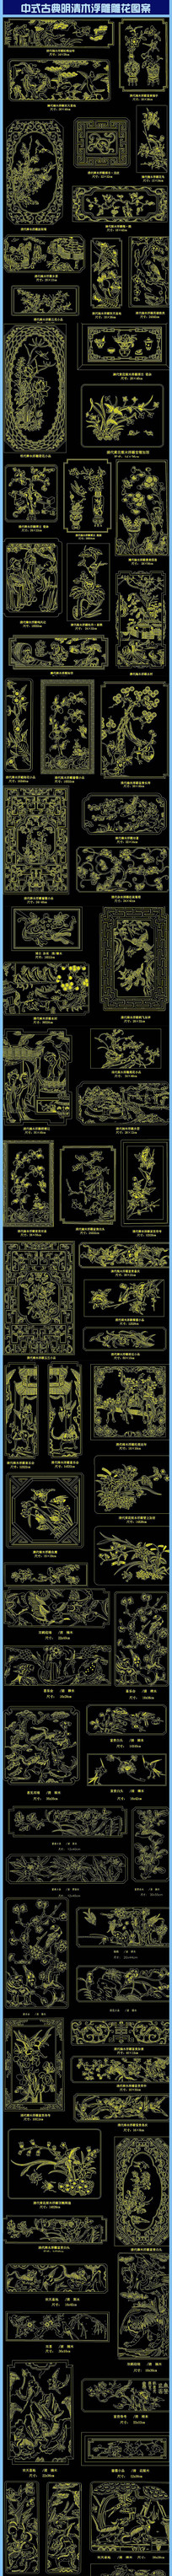 中式古典明清木浮雕雕花图案